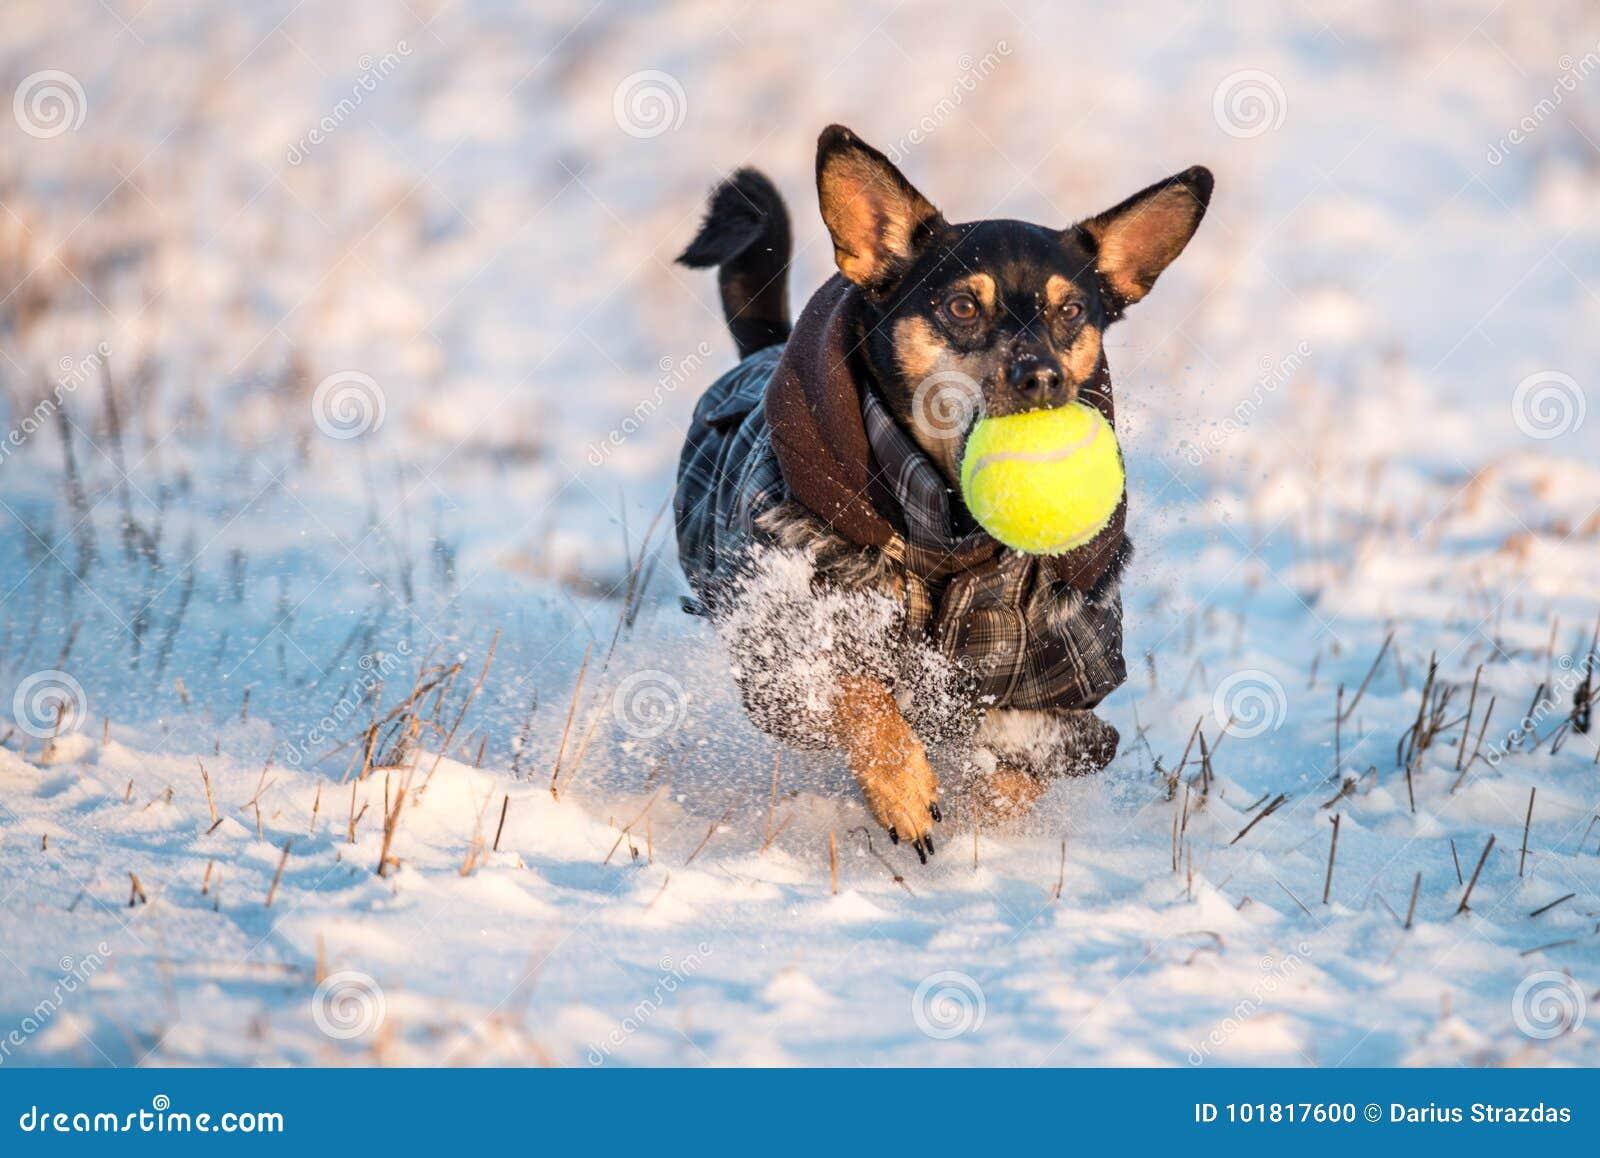 Hond sneeuw wordt doorgenomen die